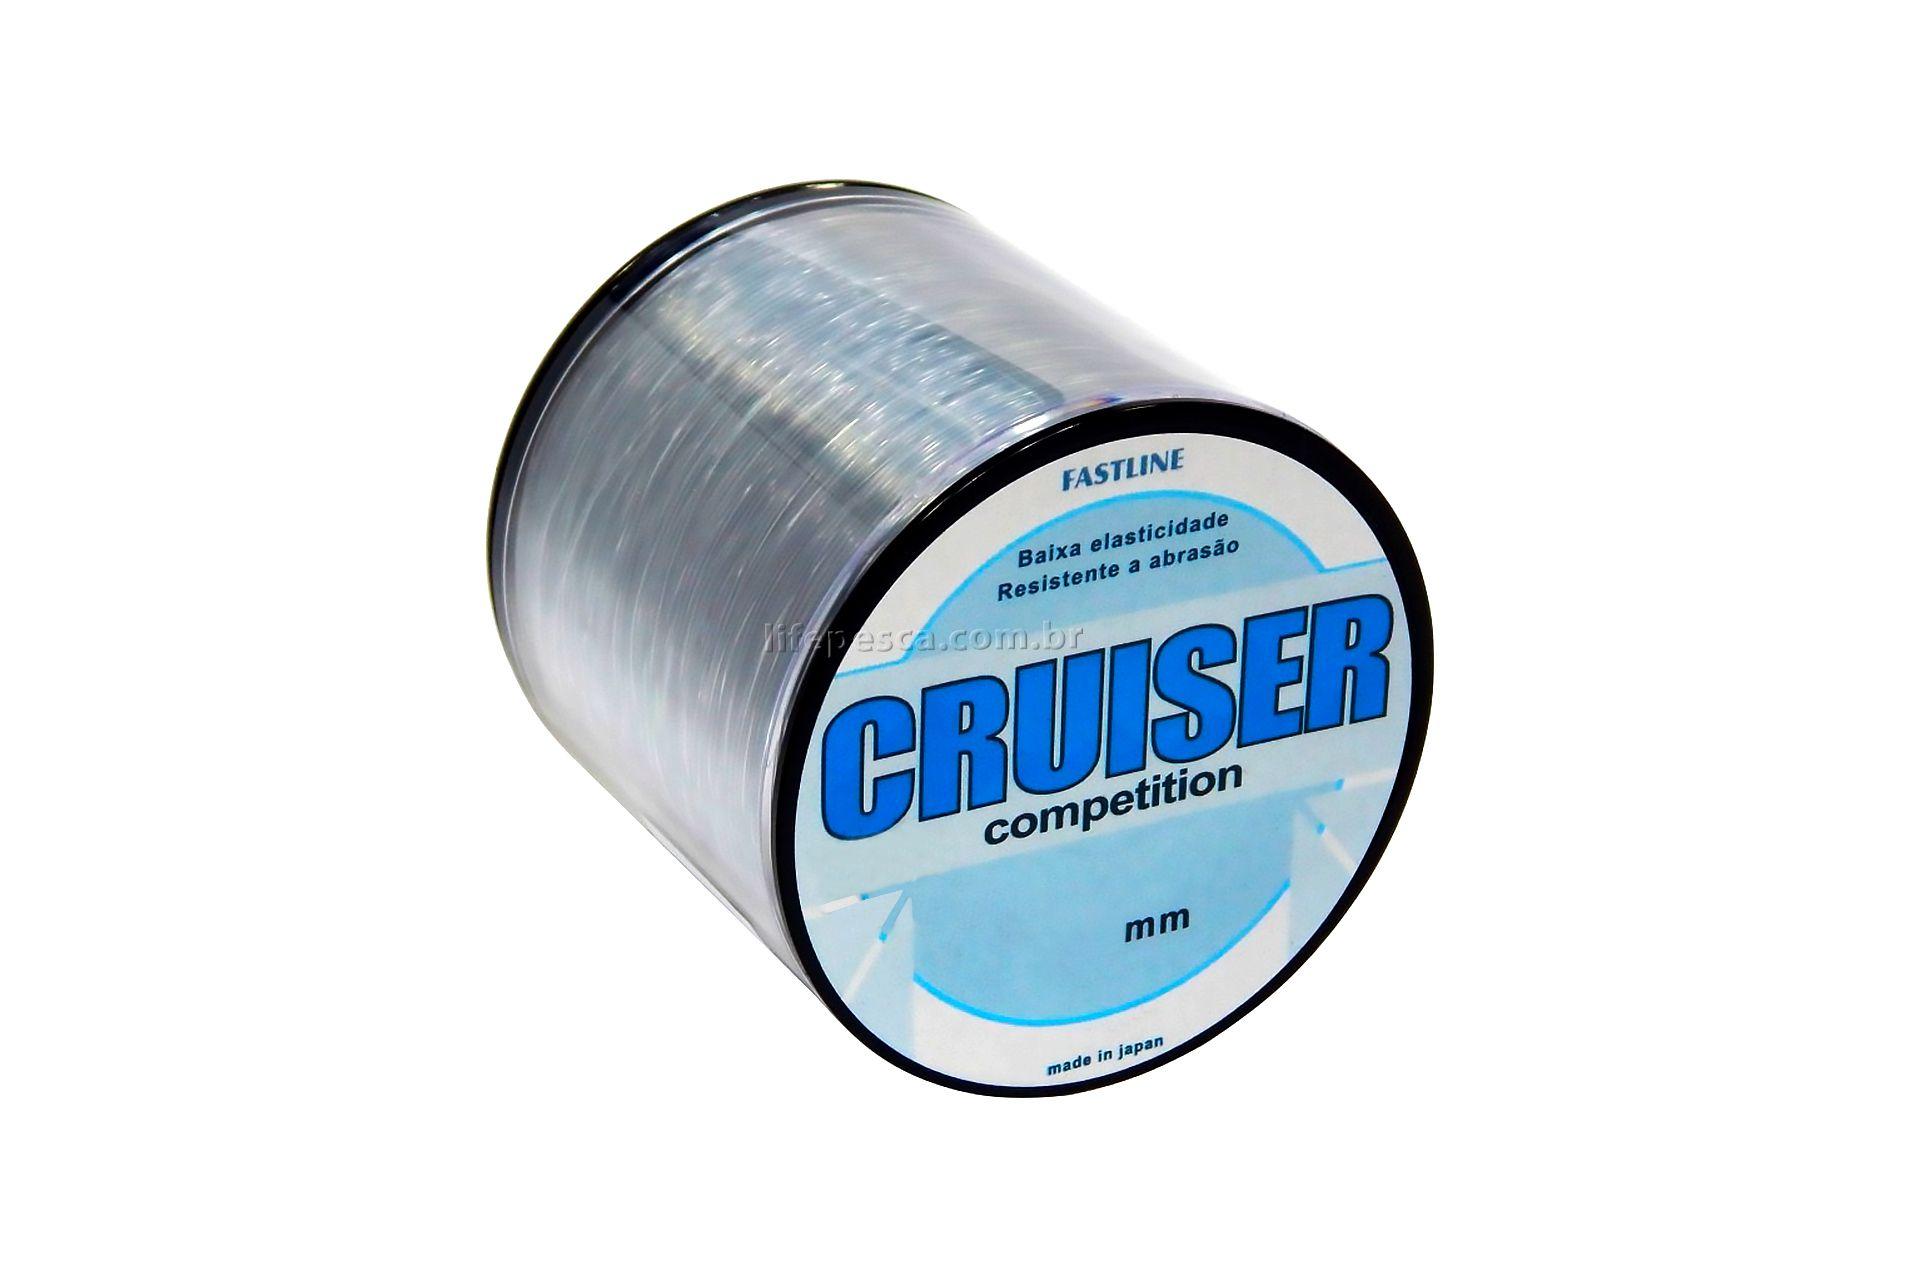 Linha Monofilamento Fastline Cruiser Competition 0,370mm 27lb/12kg - 500 Metros  - Life Pesca - Sua loja de Pesca, Camping e Lazer